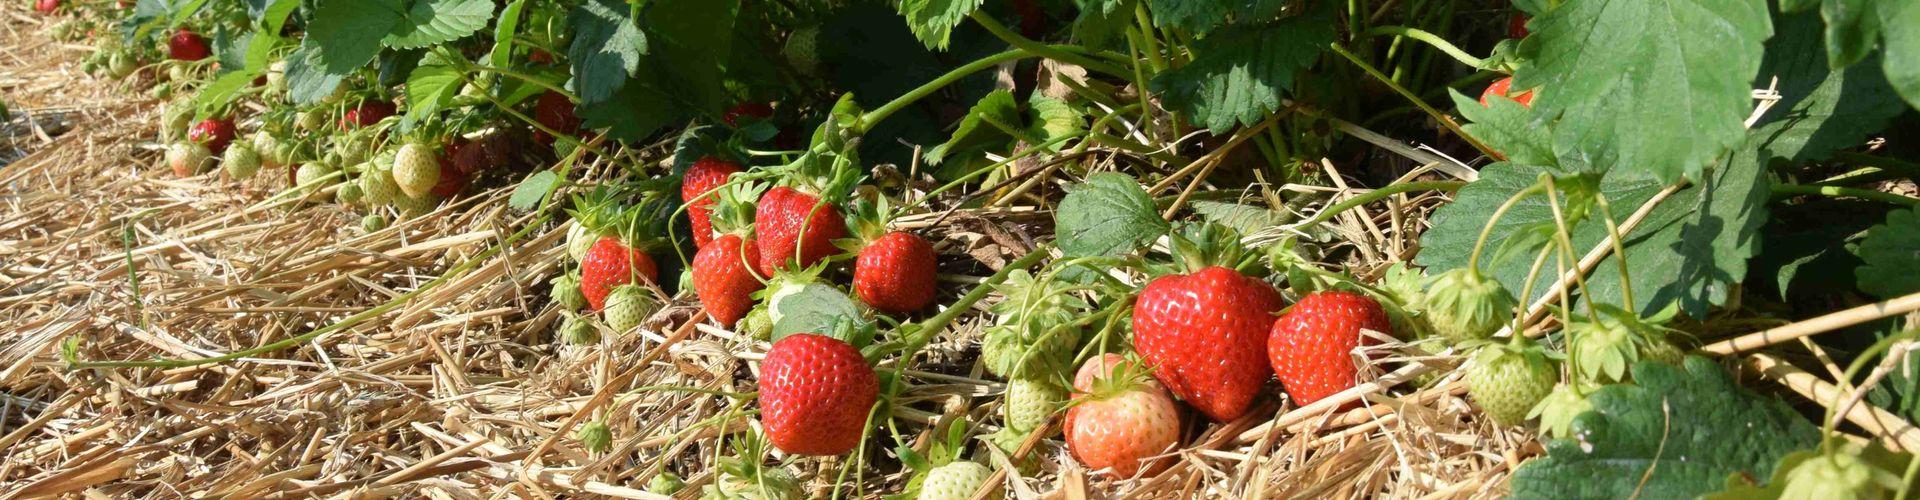 Klassischer Erdbeeranbau